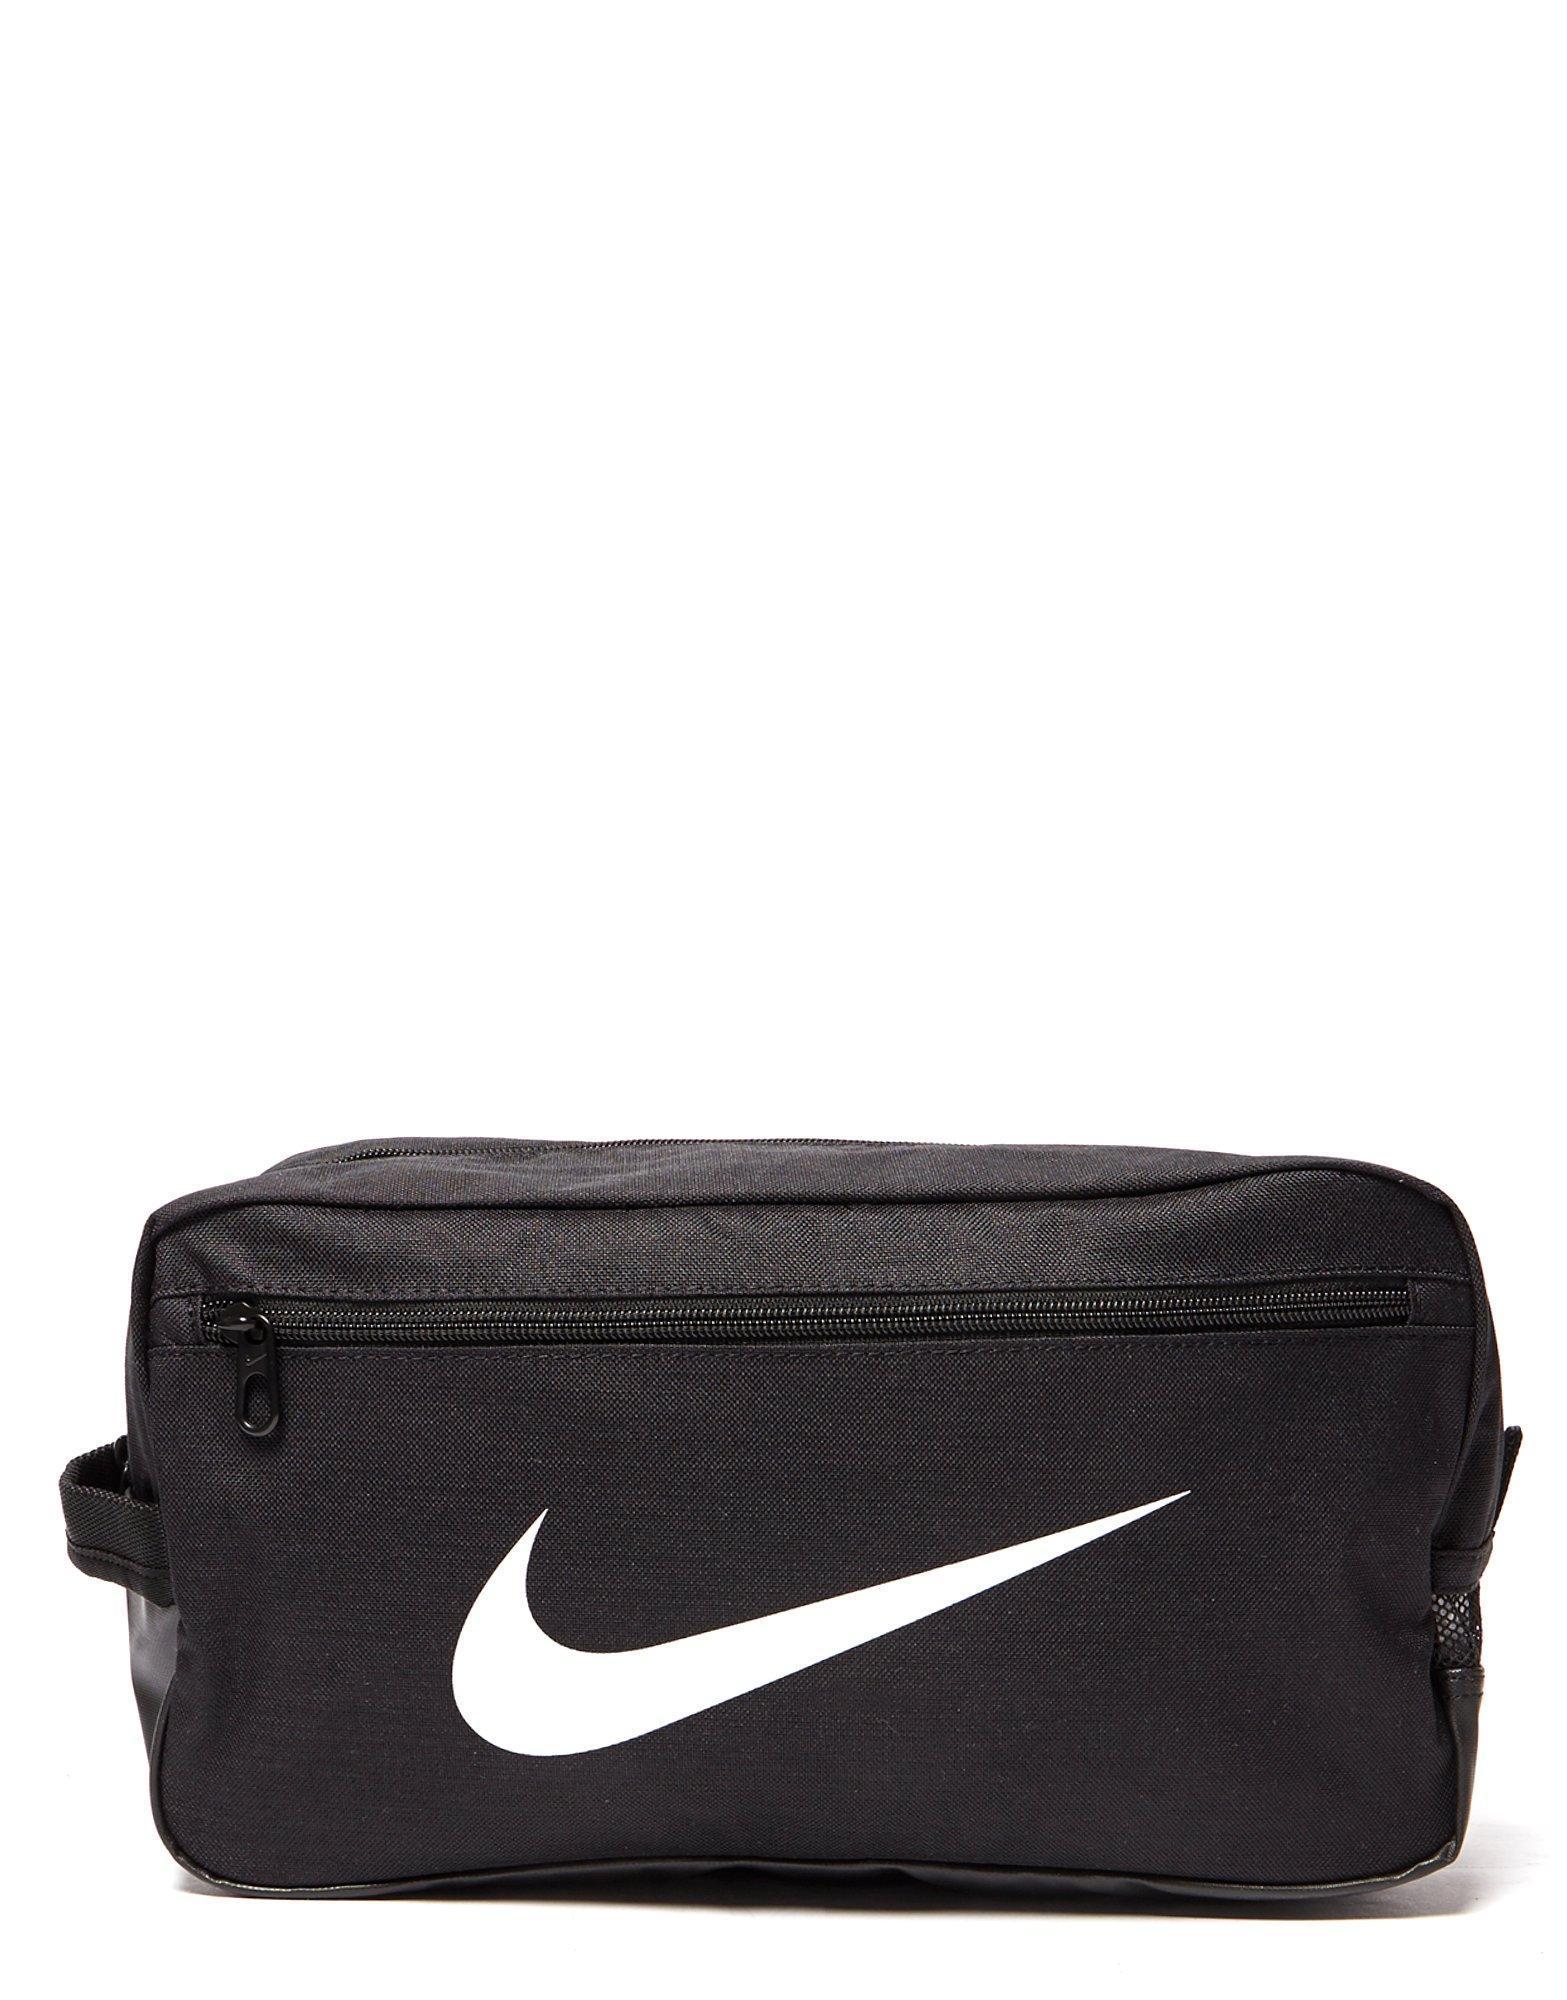 ee1b7d611e09 Lyst - Nike Brasilia 6 Shoe Bag in Black for Men